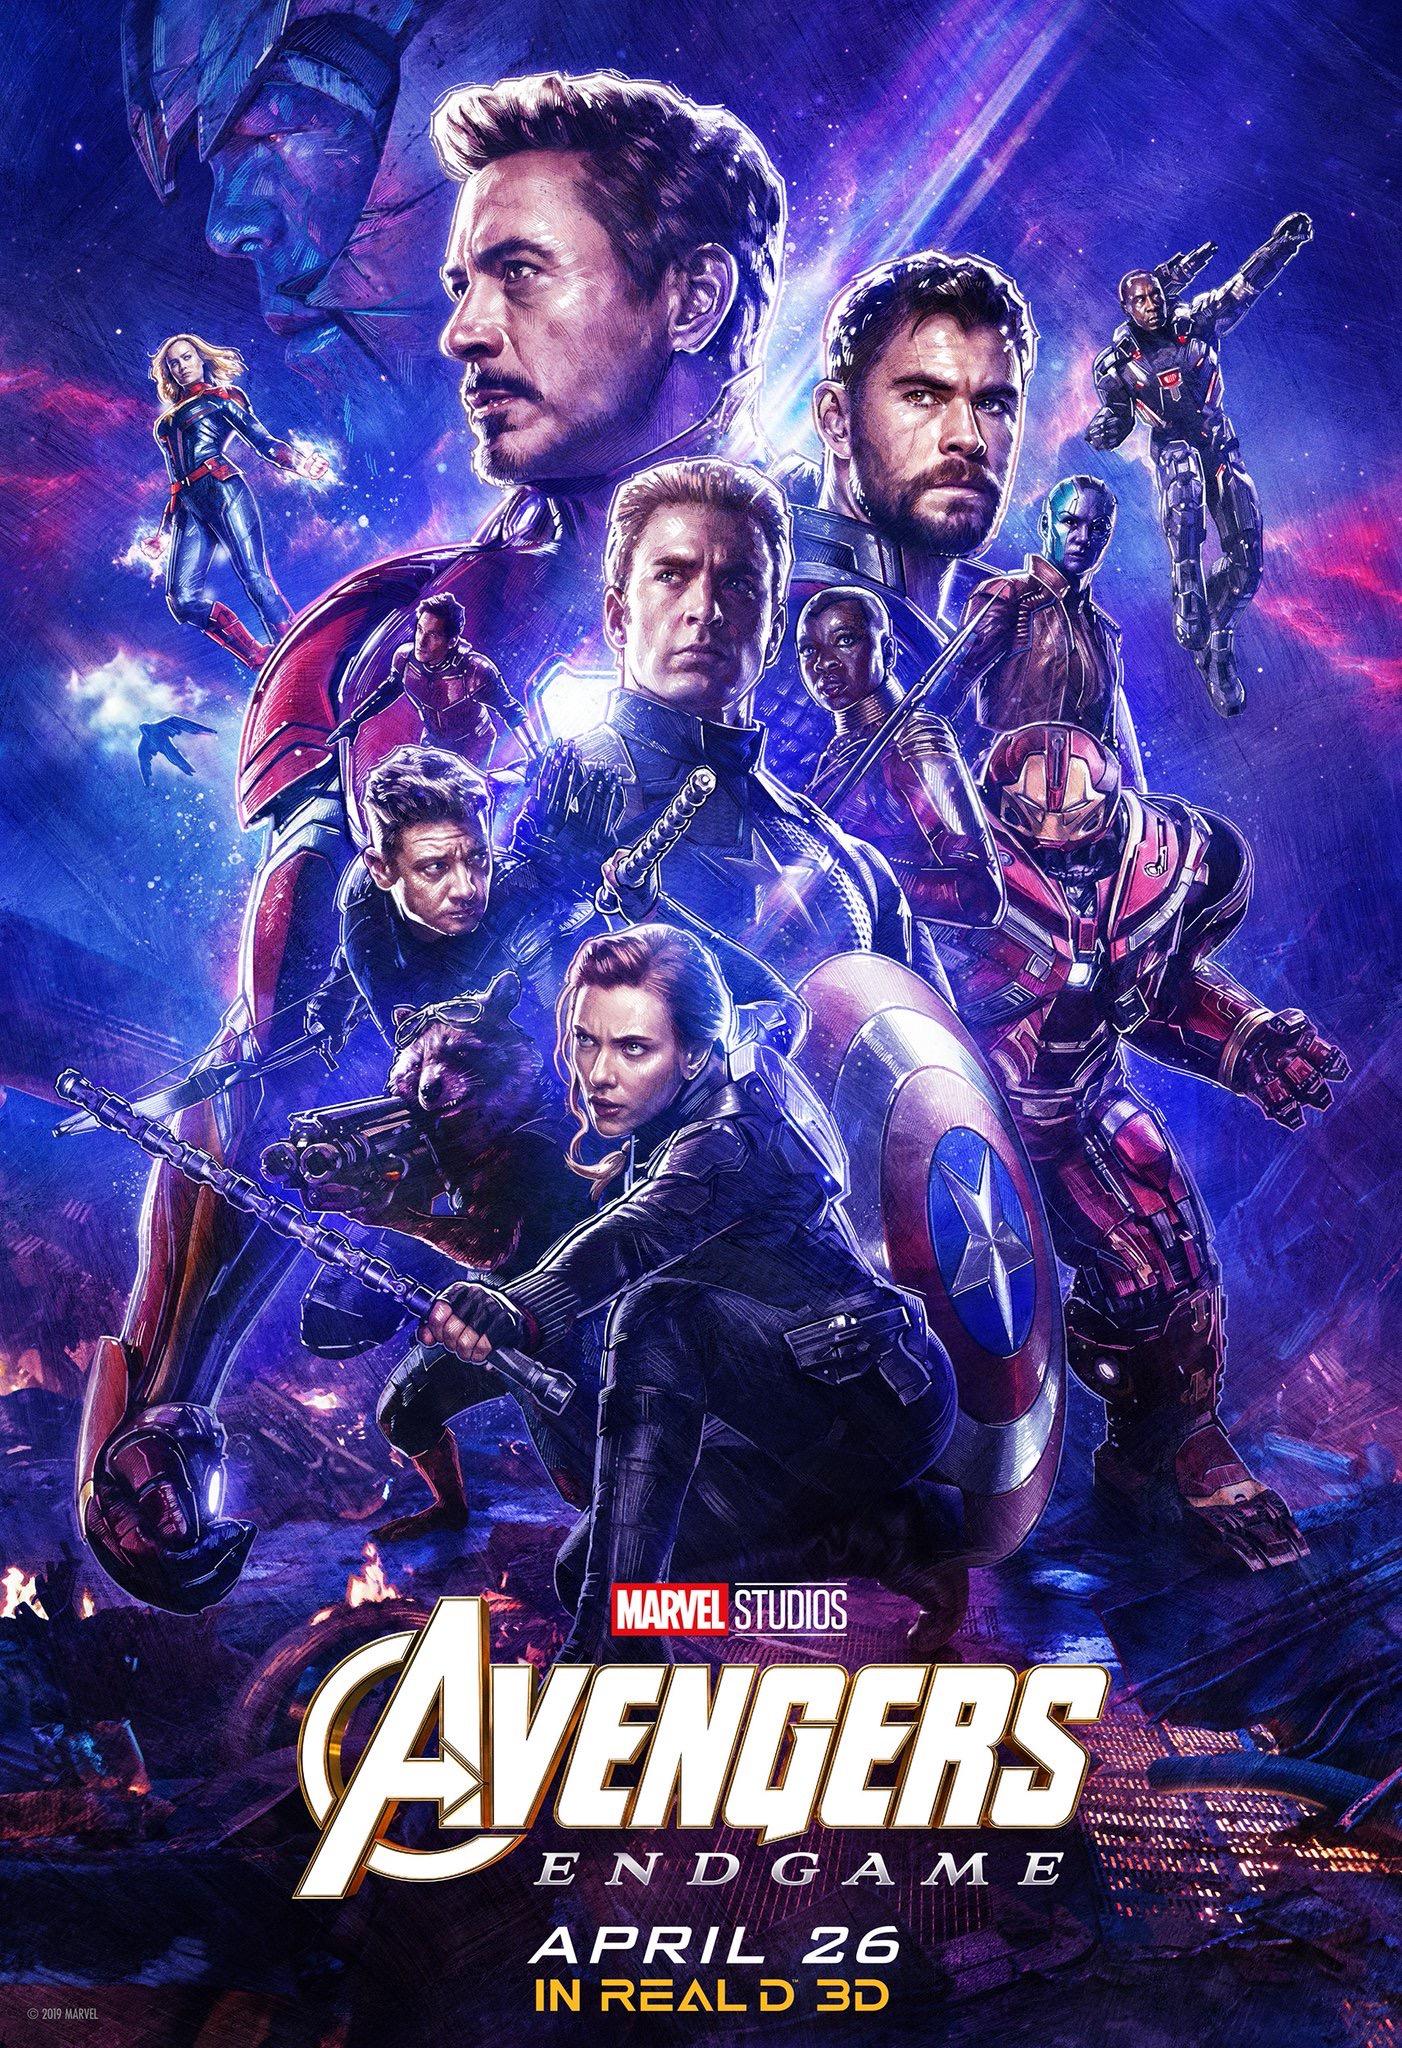 Avengers Endgame Spoiler Free 3D Movie Review.JPG